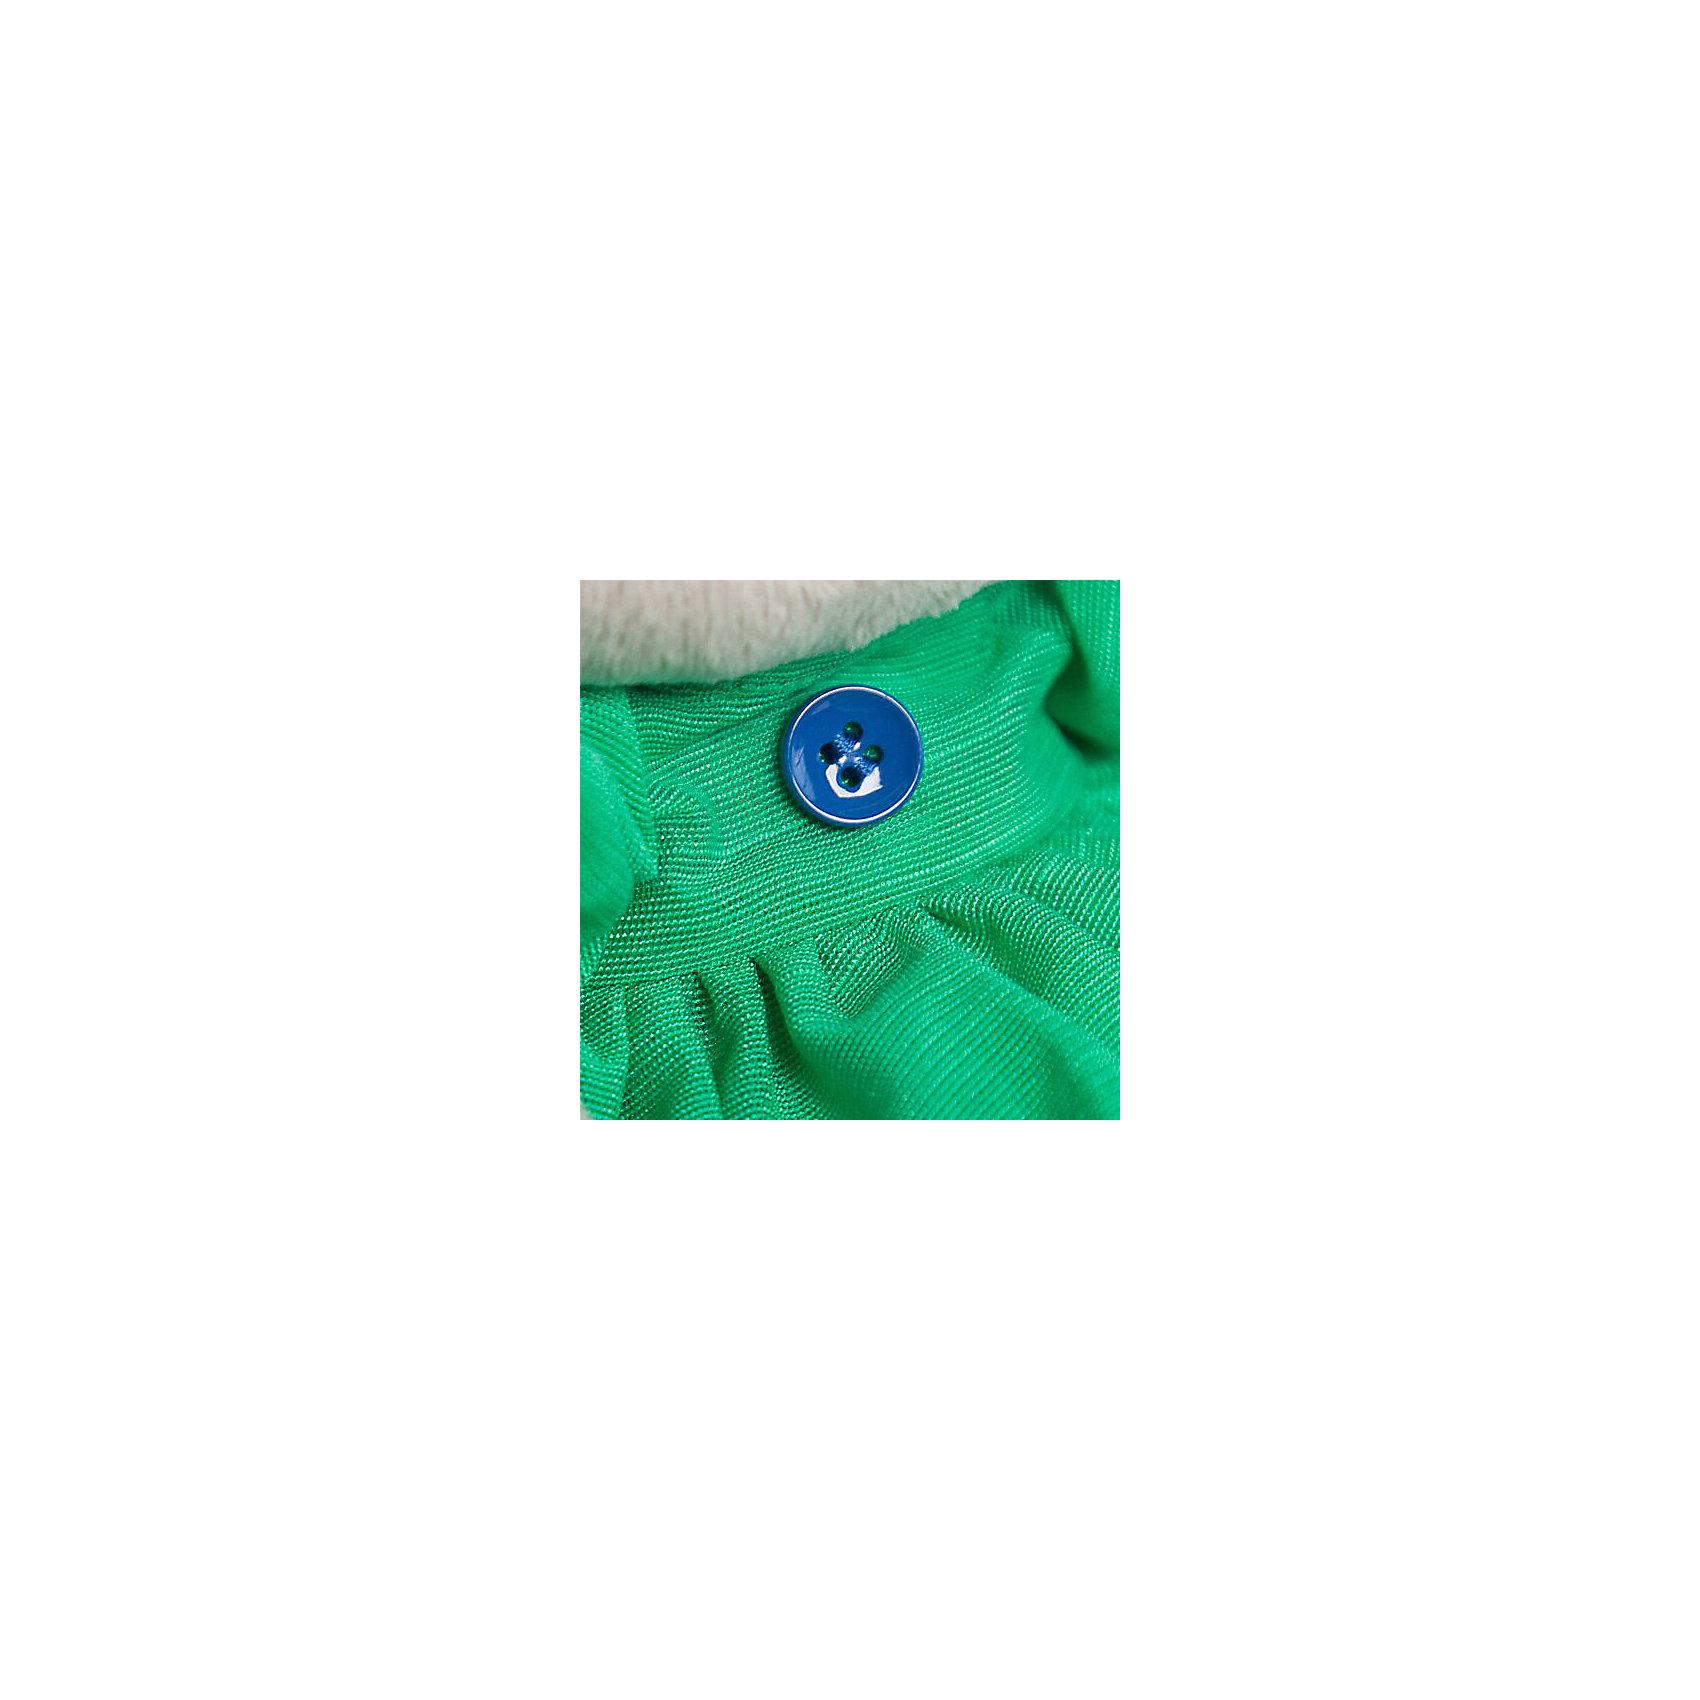 Мягкая игрушка Budi Basa Зайка Ми в зеленом платье с бабочкой, 18 см по цене 747